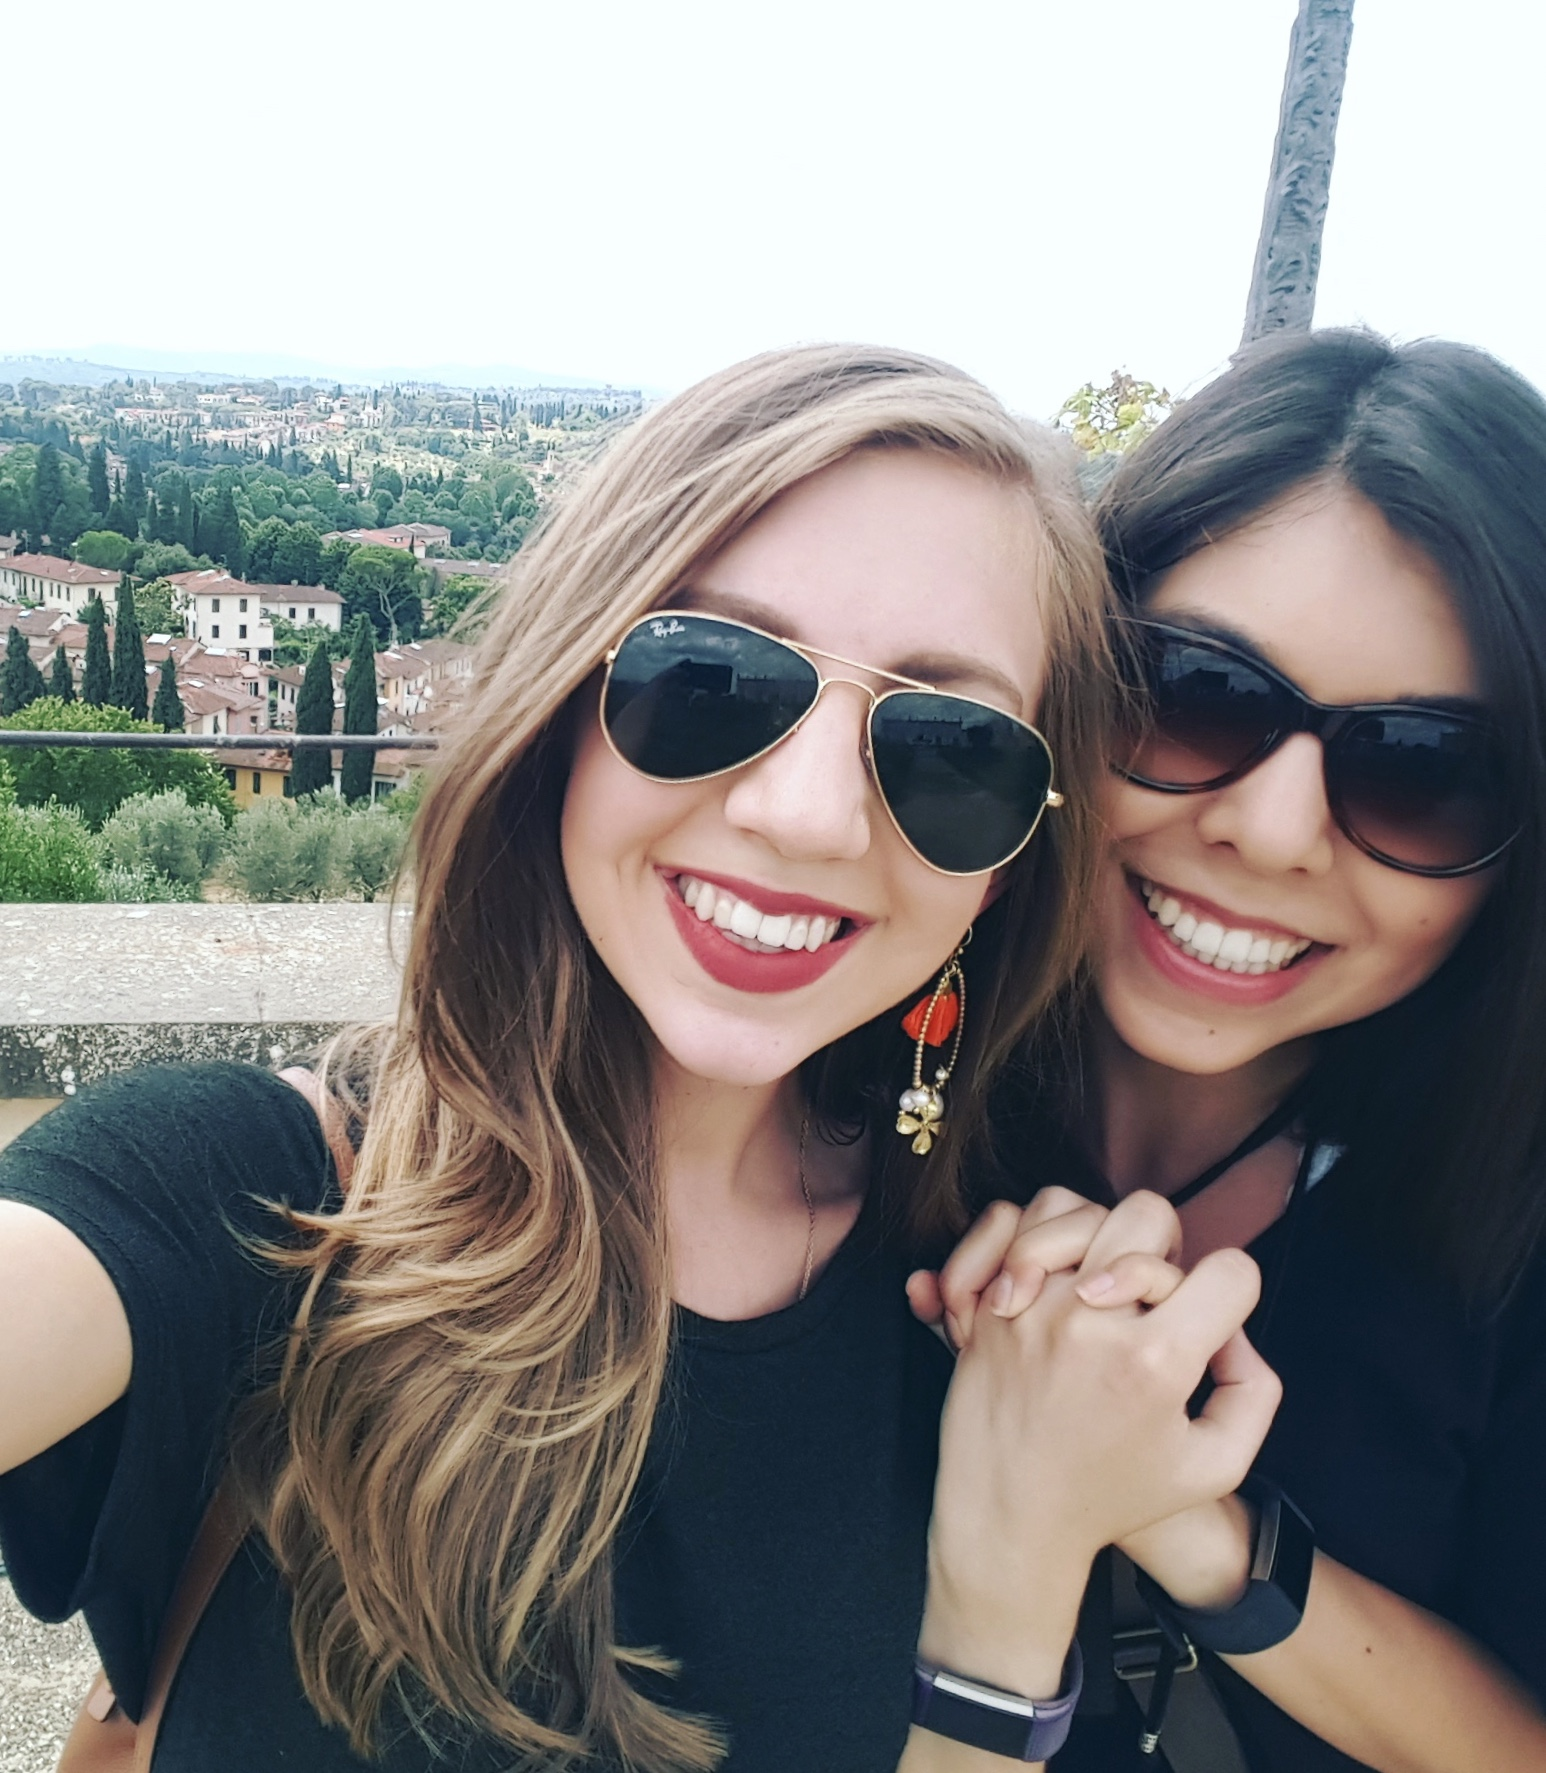 Lexi Bibbs - 500,000 Steps through Italy